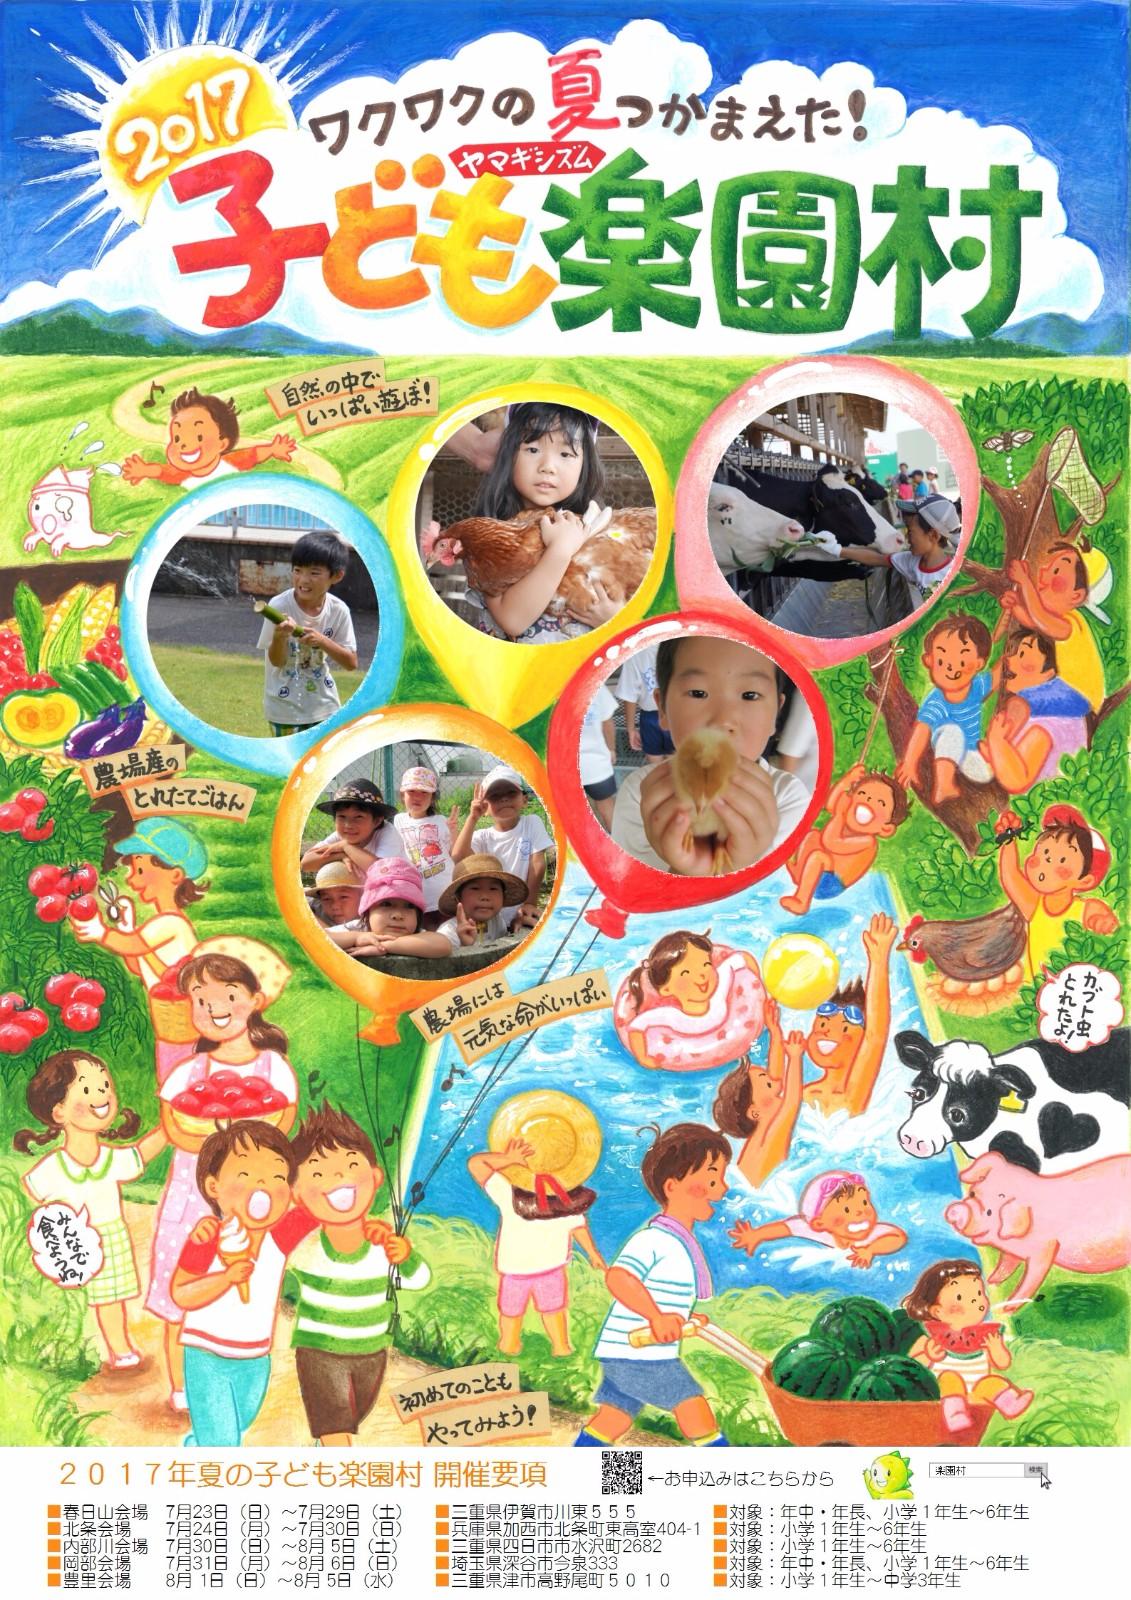 サマーキャンプ2017<br/>夏の楽園村スケジュール